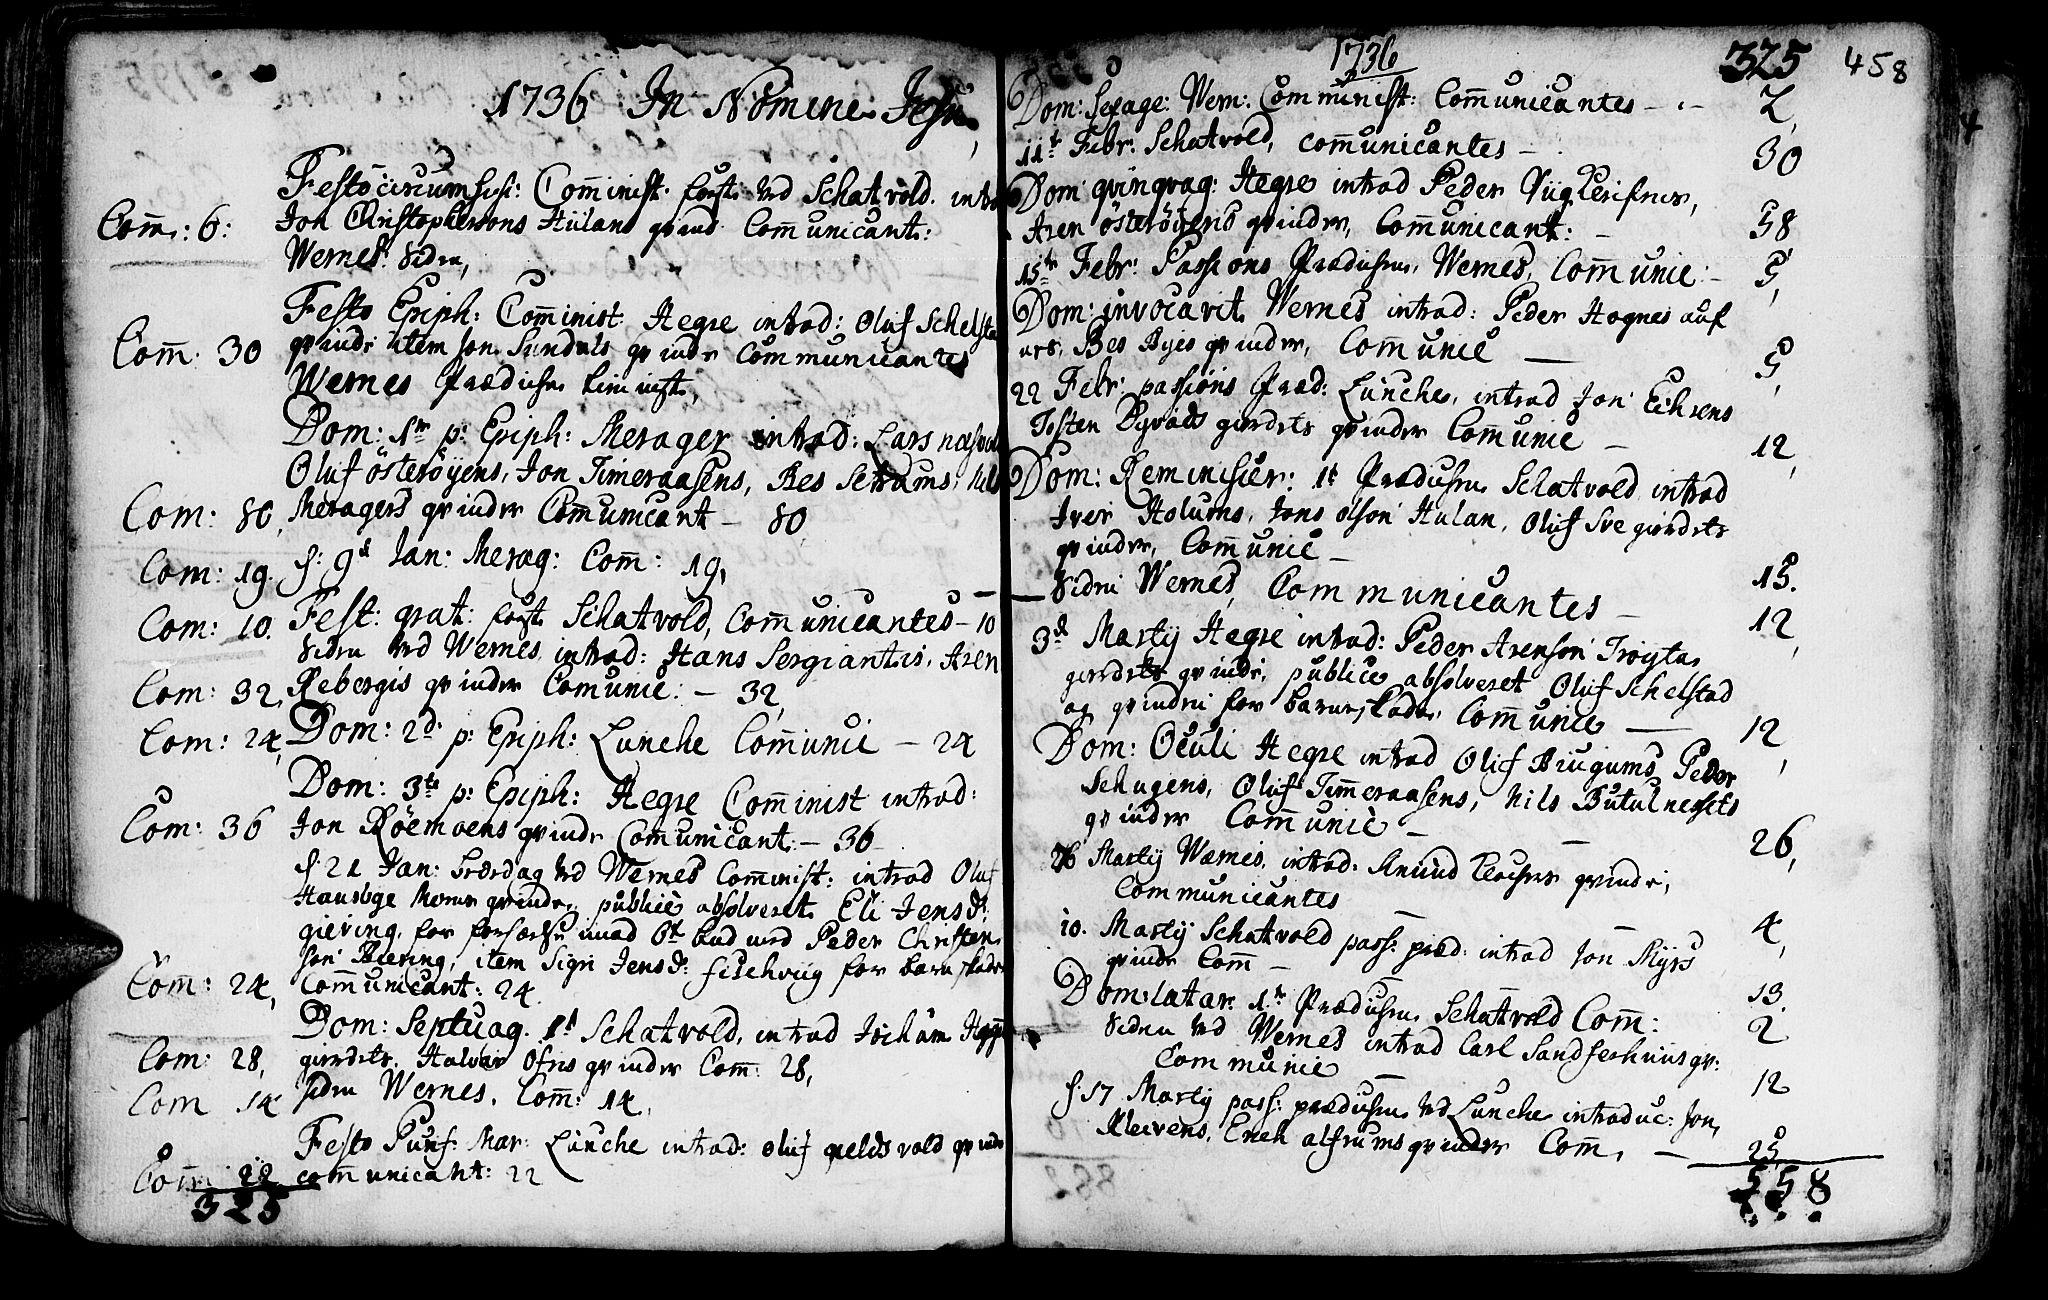 SAT, Ministerialprotokoller, klokkerbøker og fødselsregistre - Nord-Trøndelag, 709/L0054: Ministerialbok nr. 709A02, 1714-1738, s. 457-458